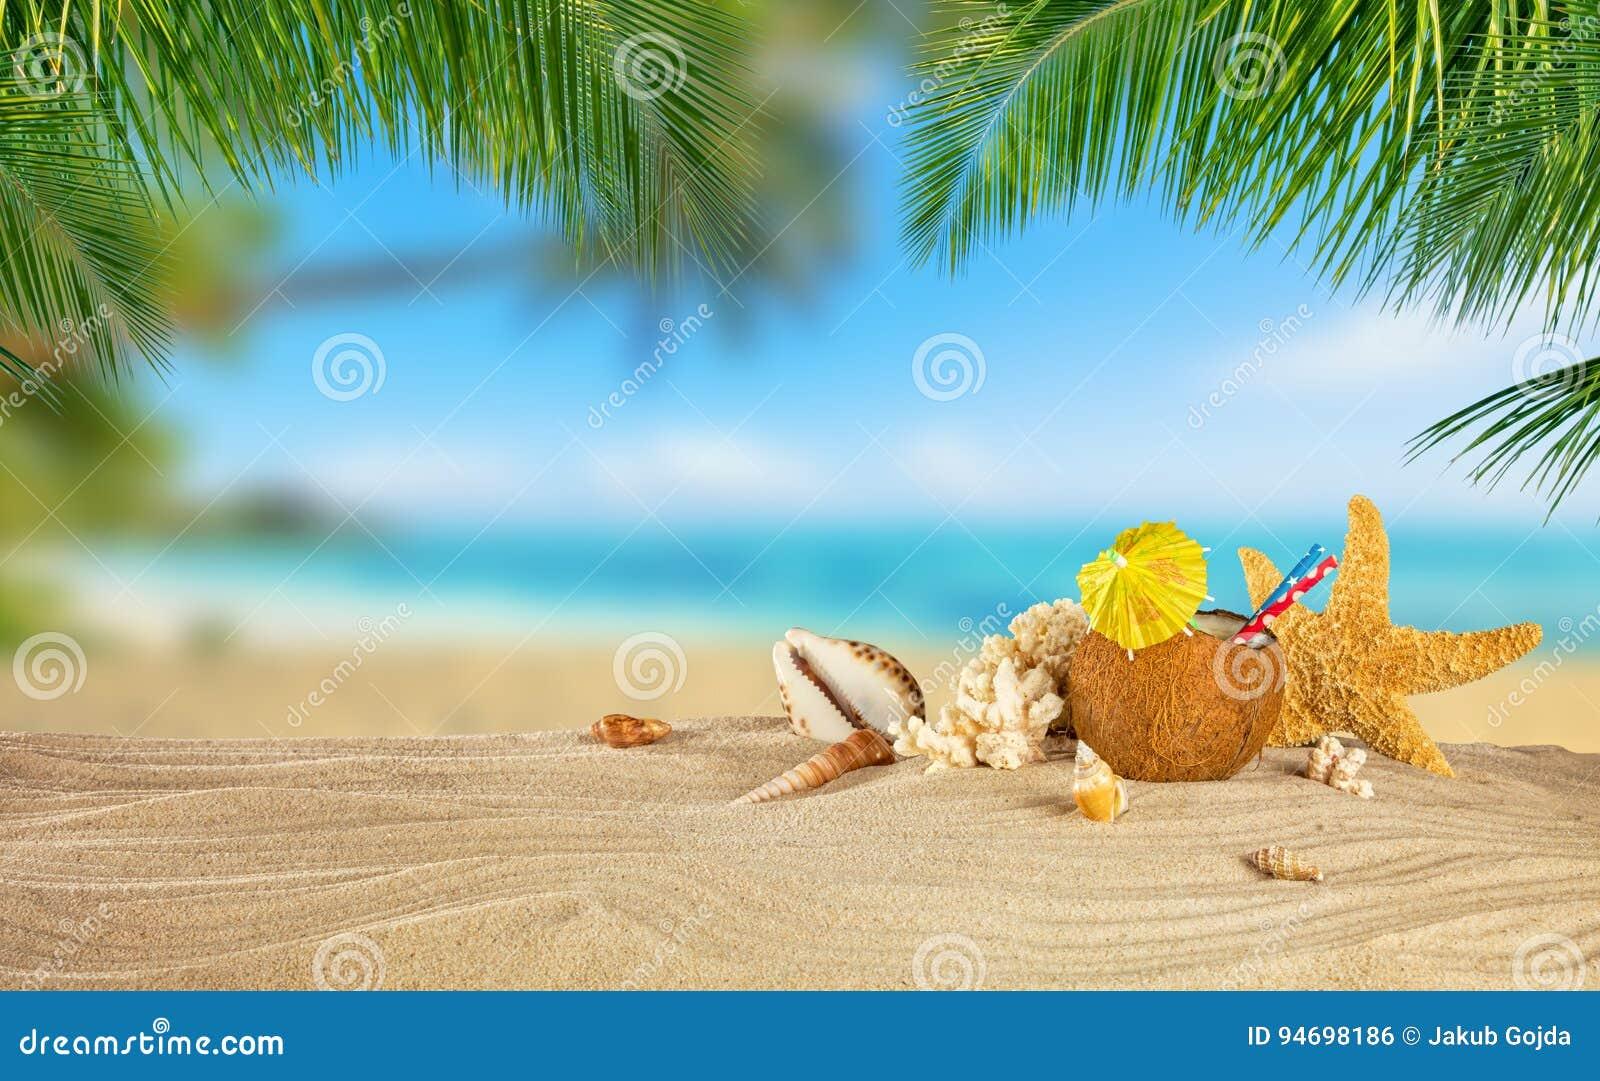 Spiaggia tropicale con la bevanda della noce di cocco sulla sabbia, backgr di vacanza estiva